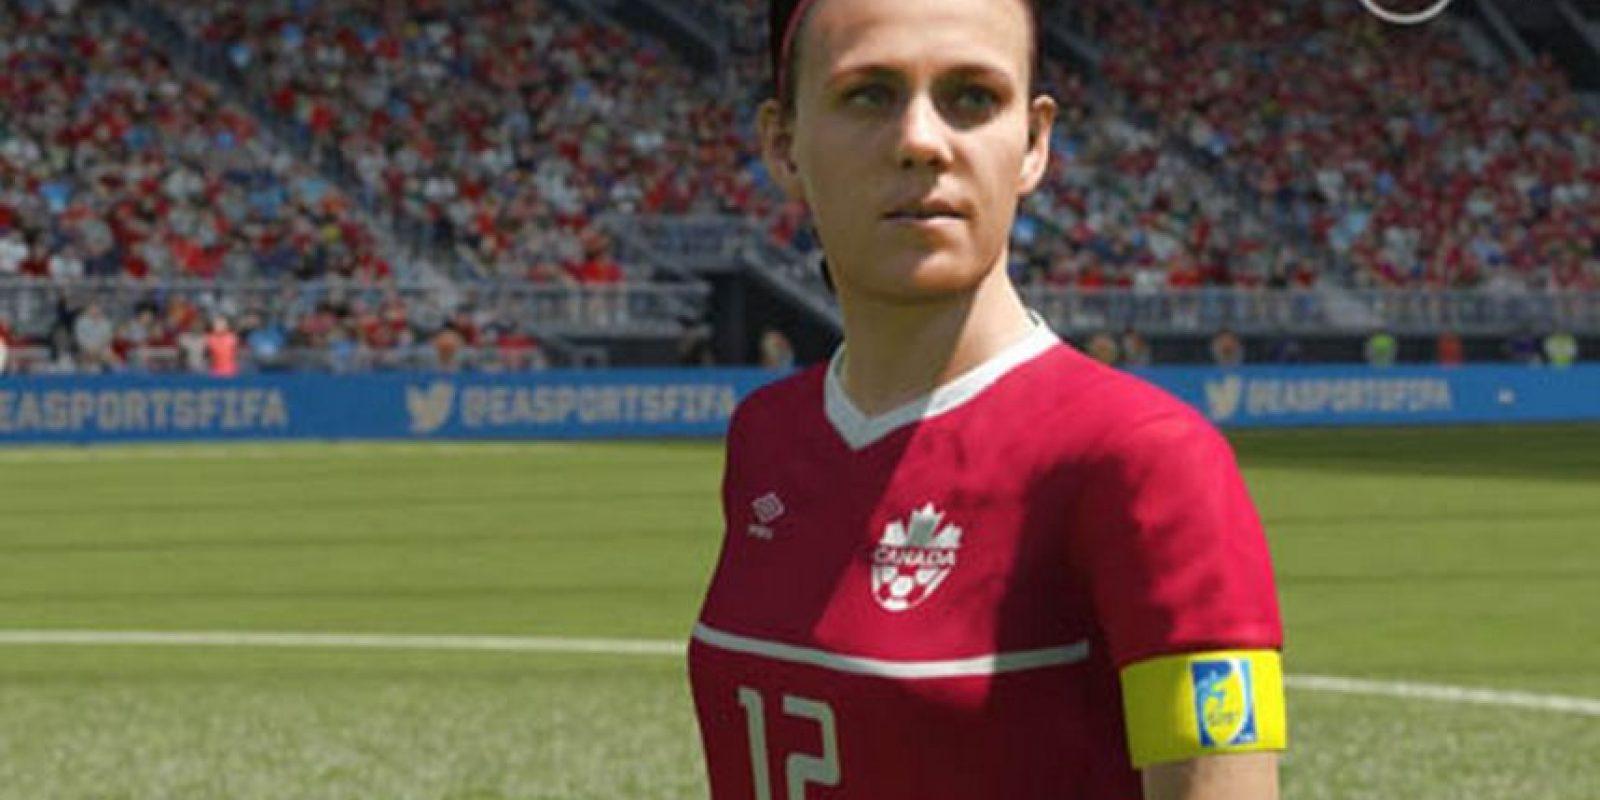 EA Sports anunció a través de un comunicado que 13 mujeres de las selecciones femeninas que iban a aparecer en FIFA 16 han sido retiradas del juego Foto:EA Sport